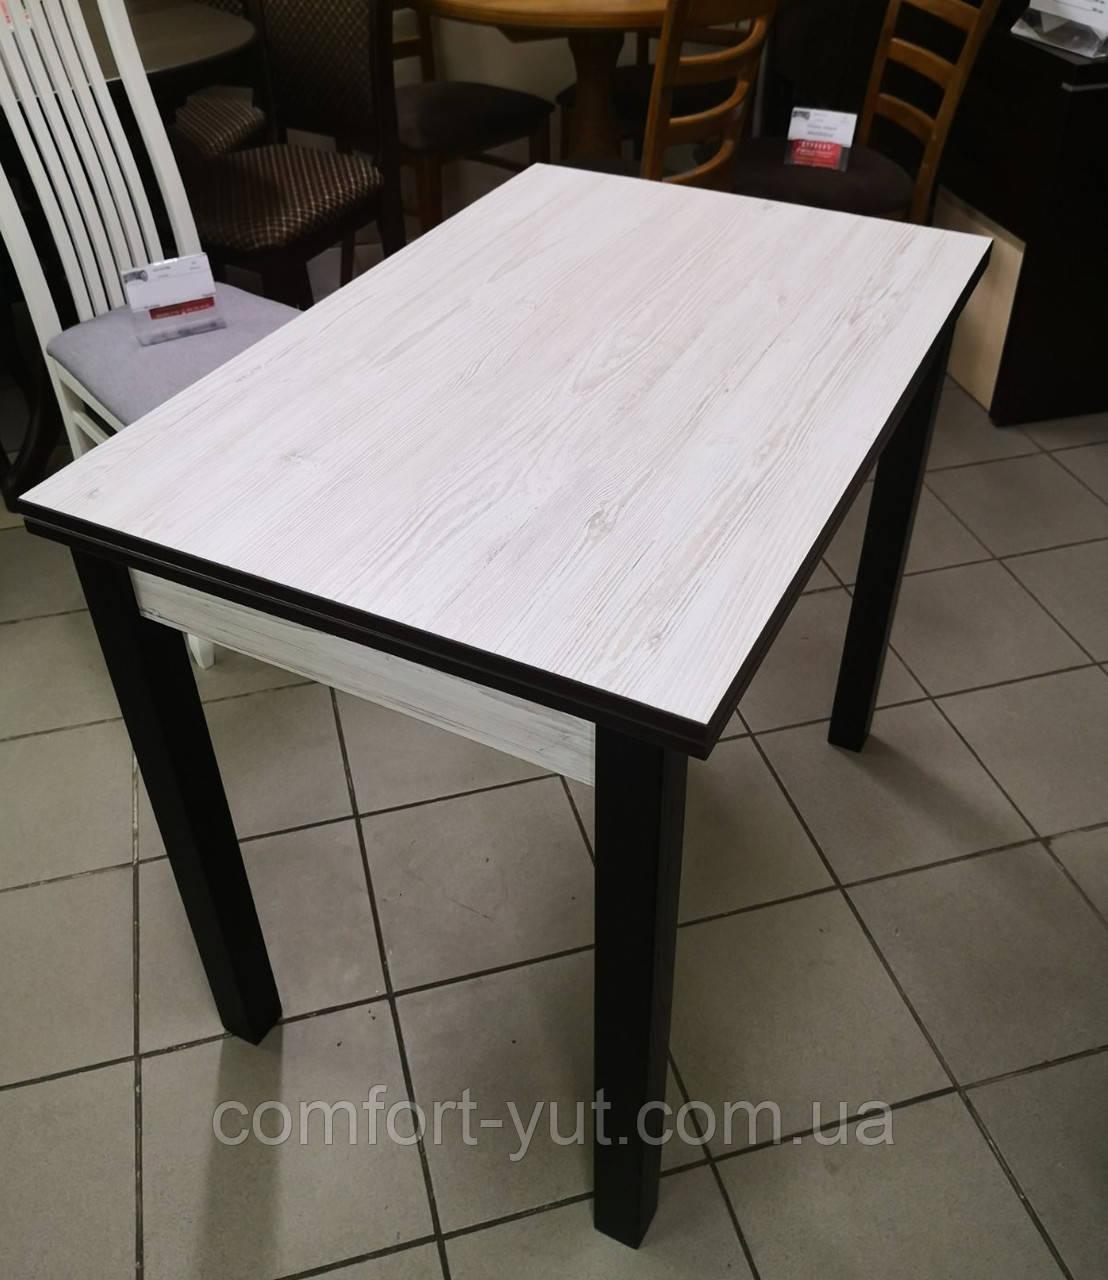 Стол кухонный Прага аляска -венге 90*60(120)*75см